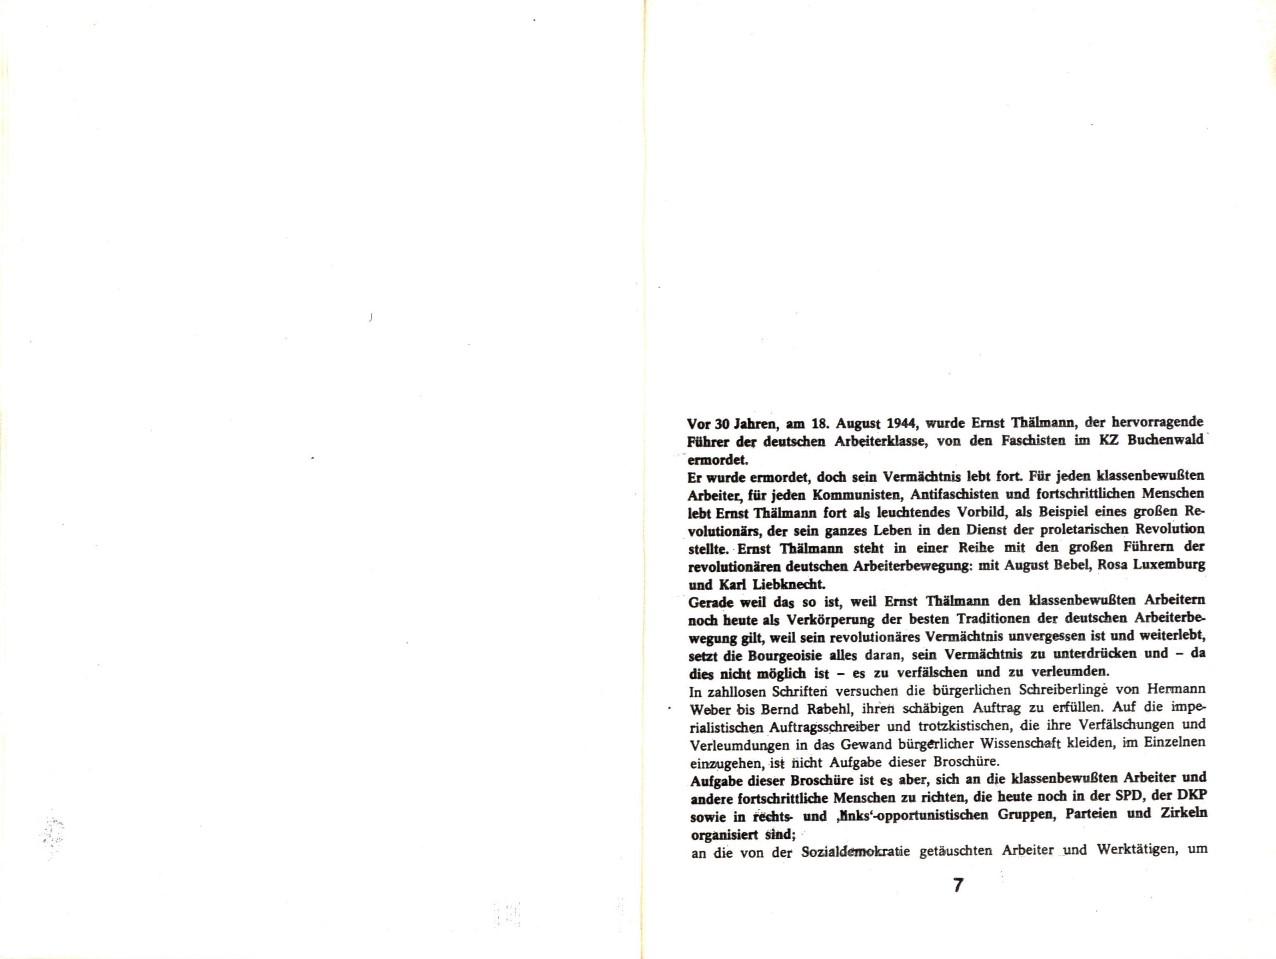 KPDAO_1974_Ernst_Thaelmann_05